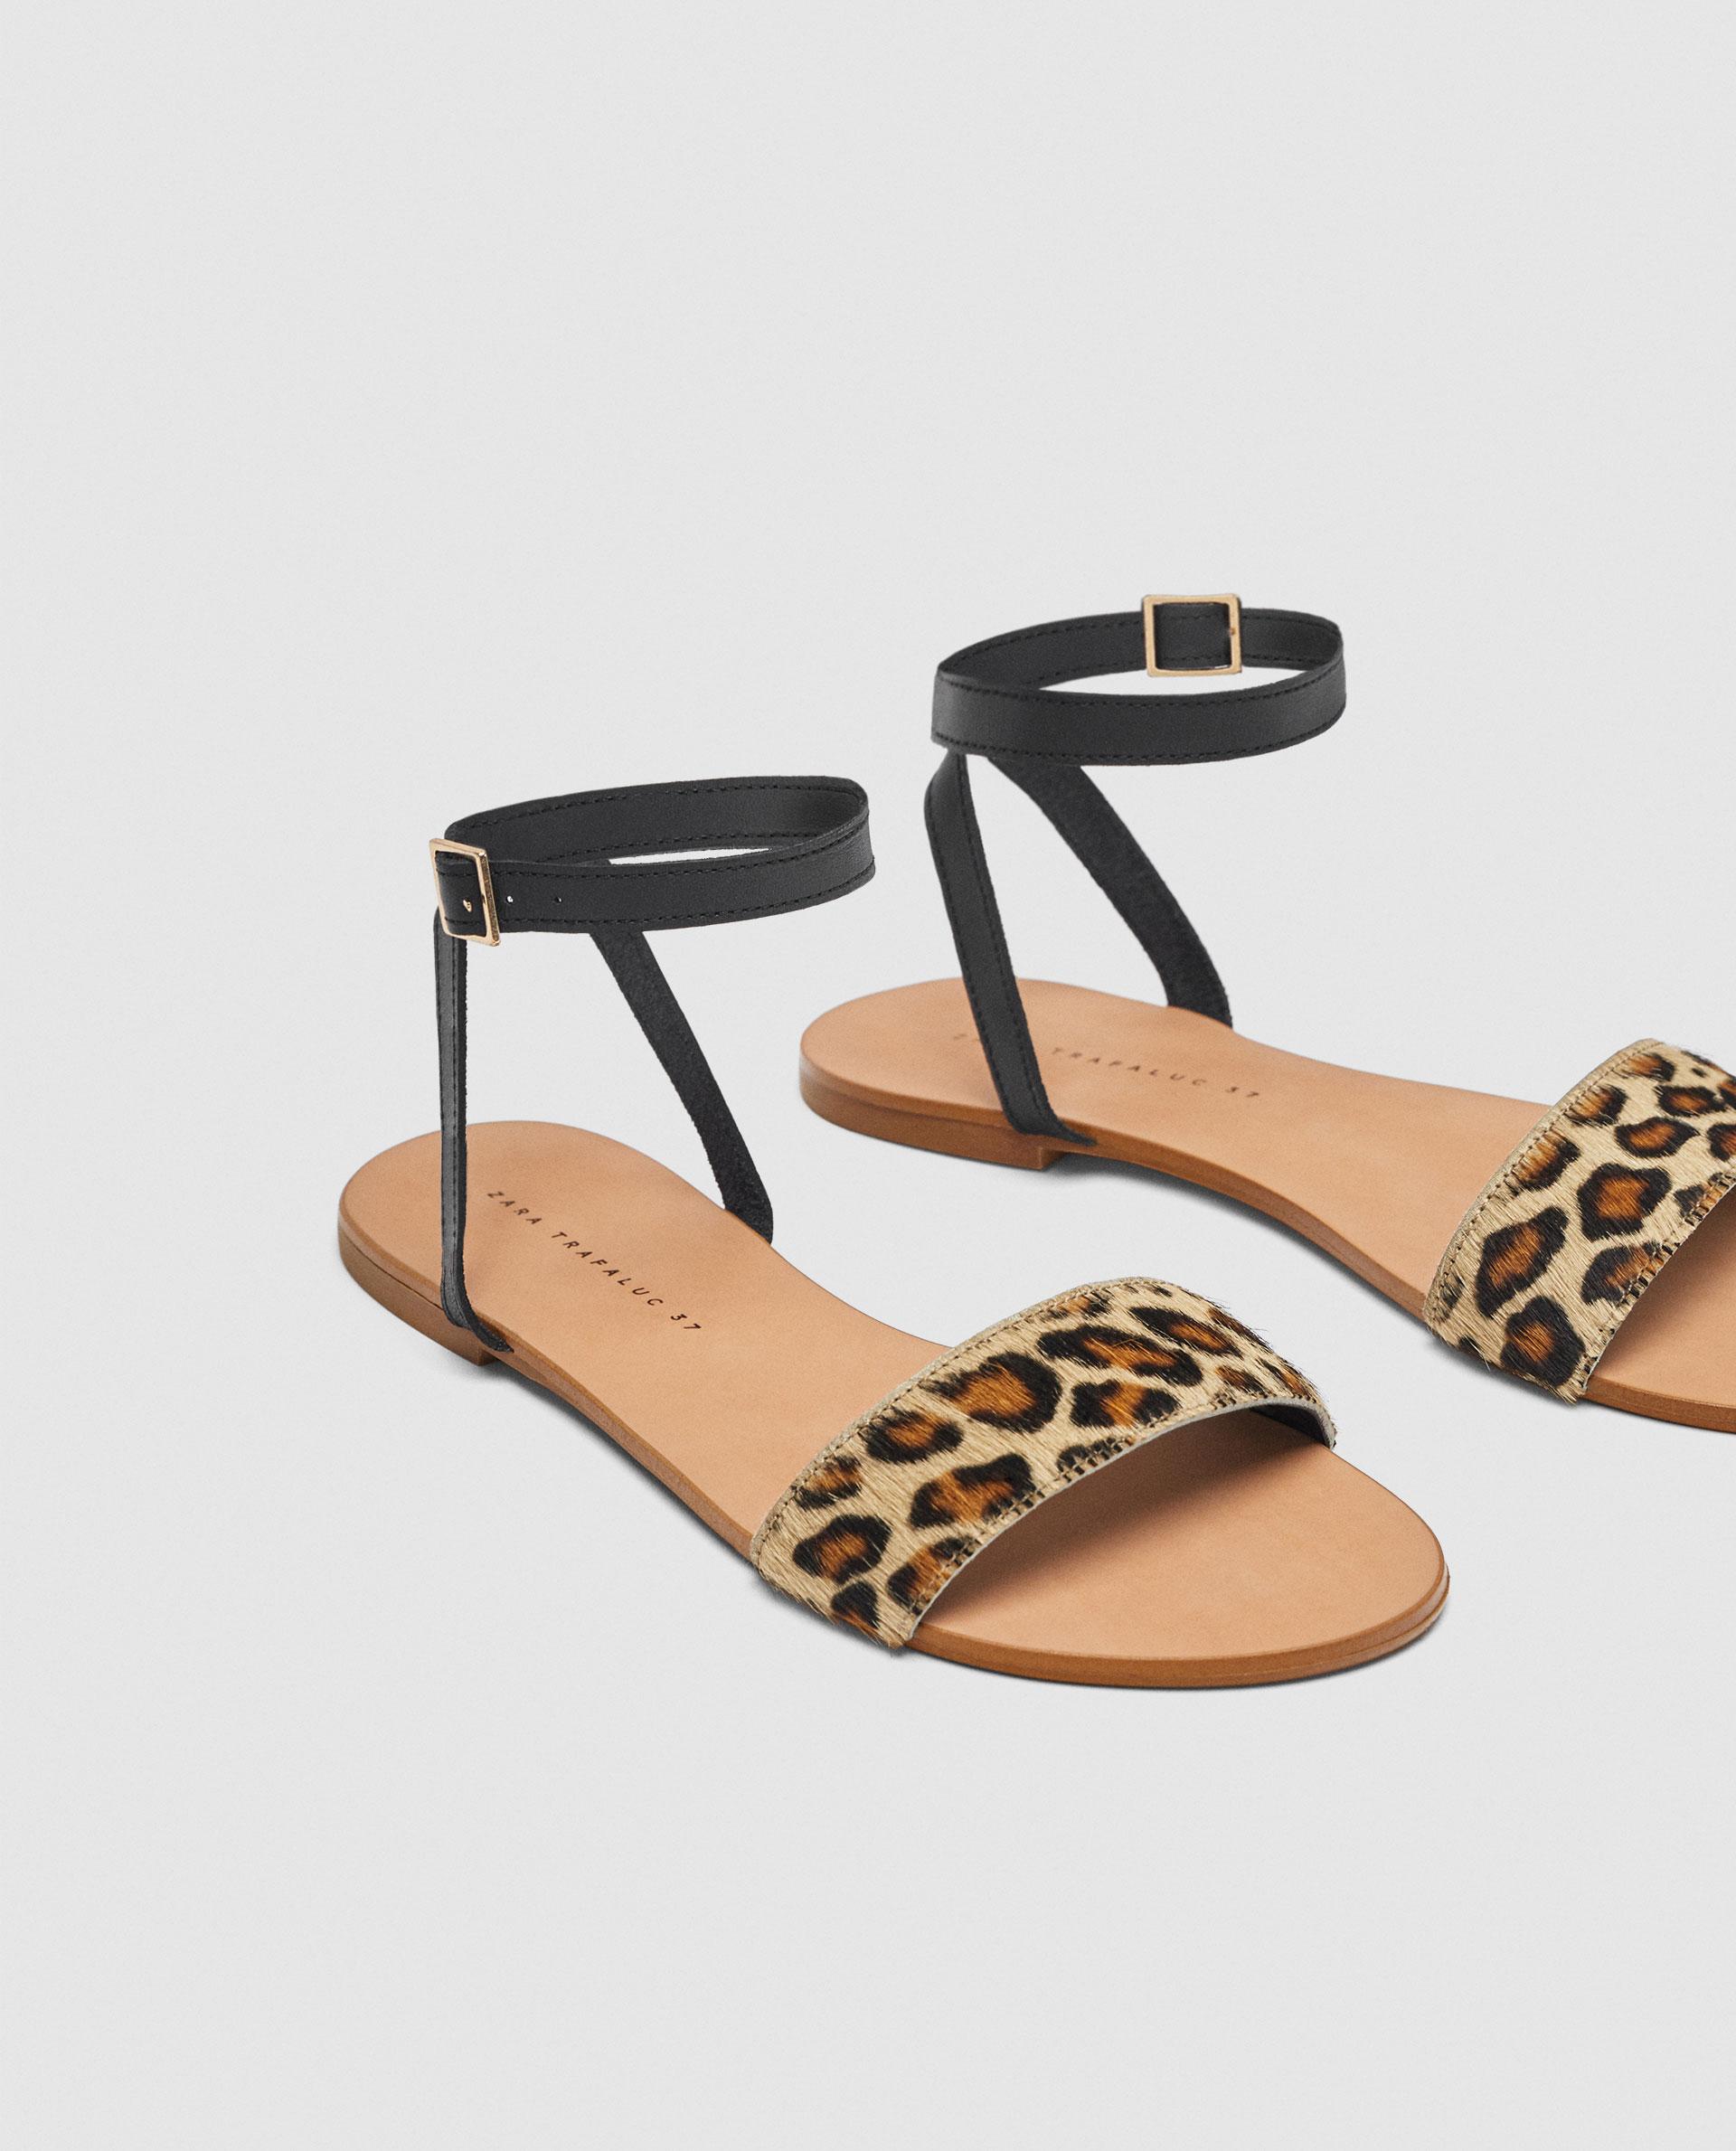 Zara sandals £25.99